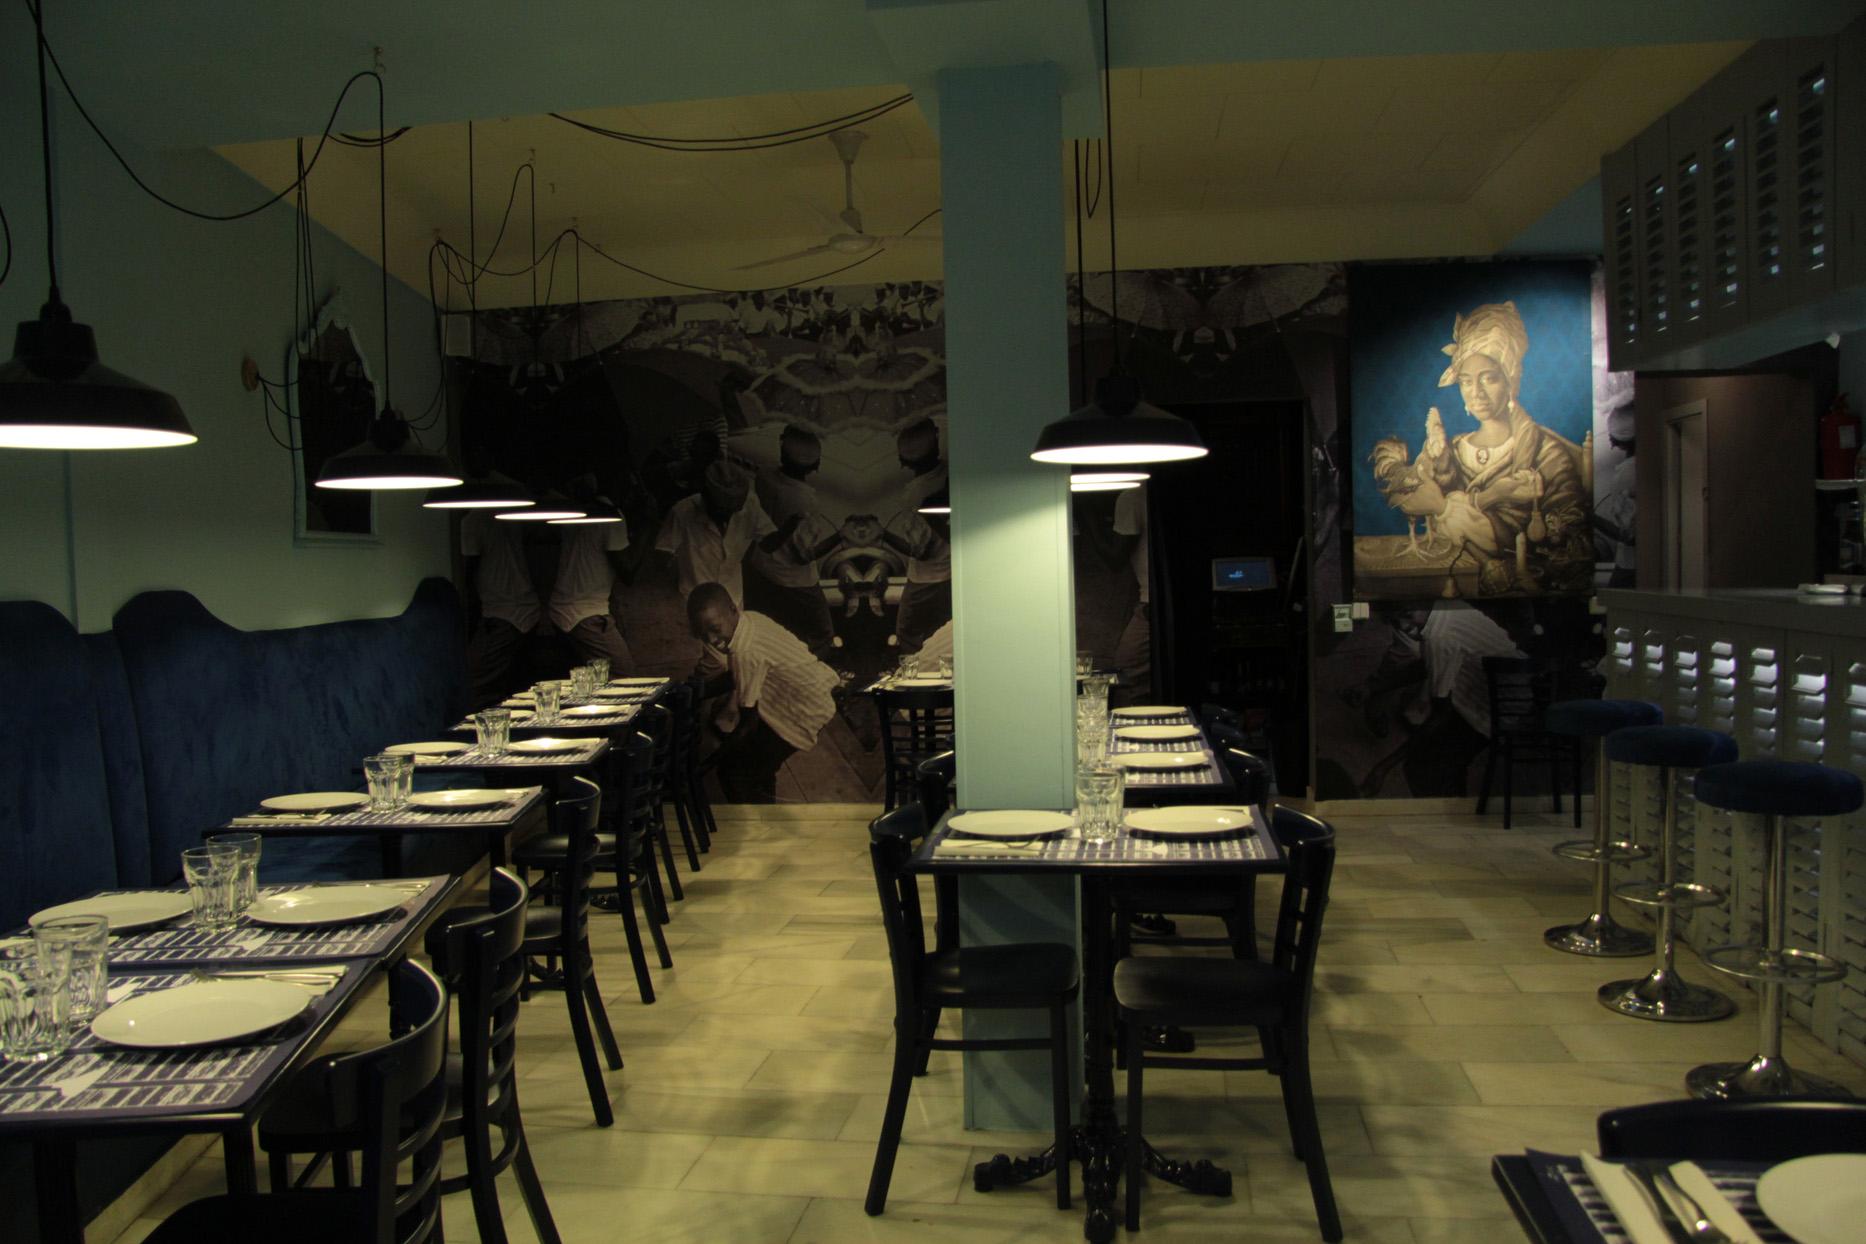 restaurante-gumbo-new-orleans-cajun-galeria-10